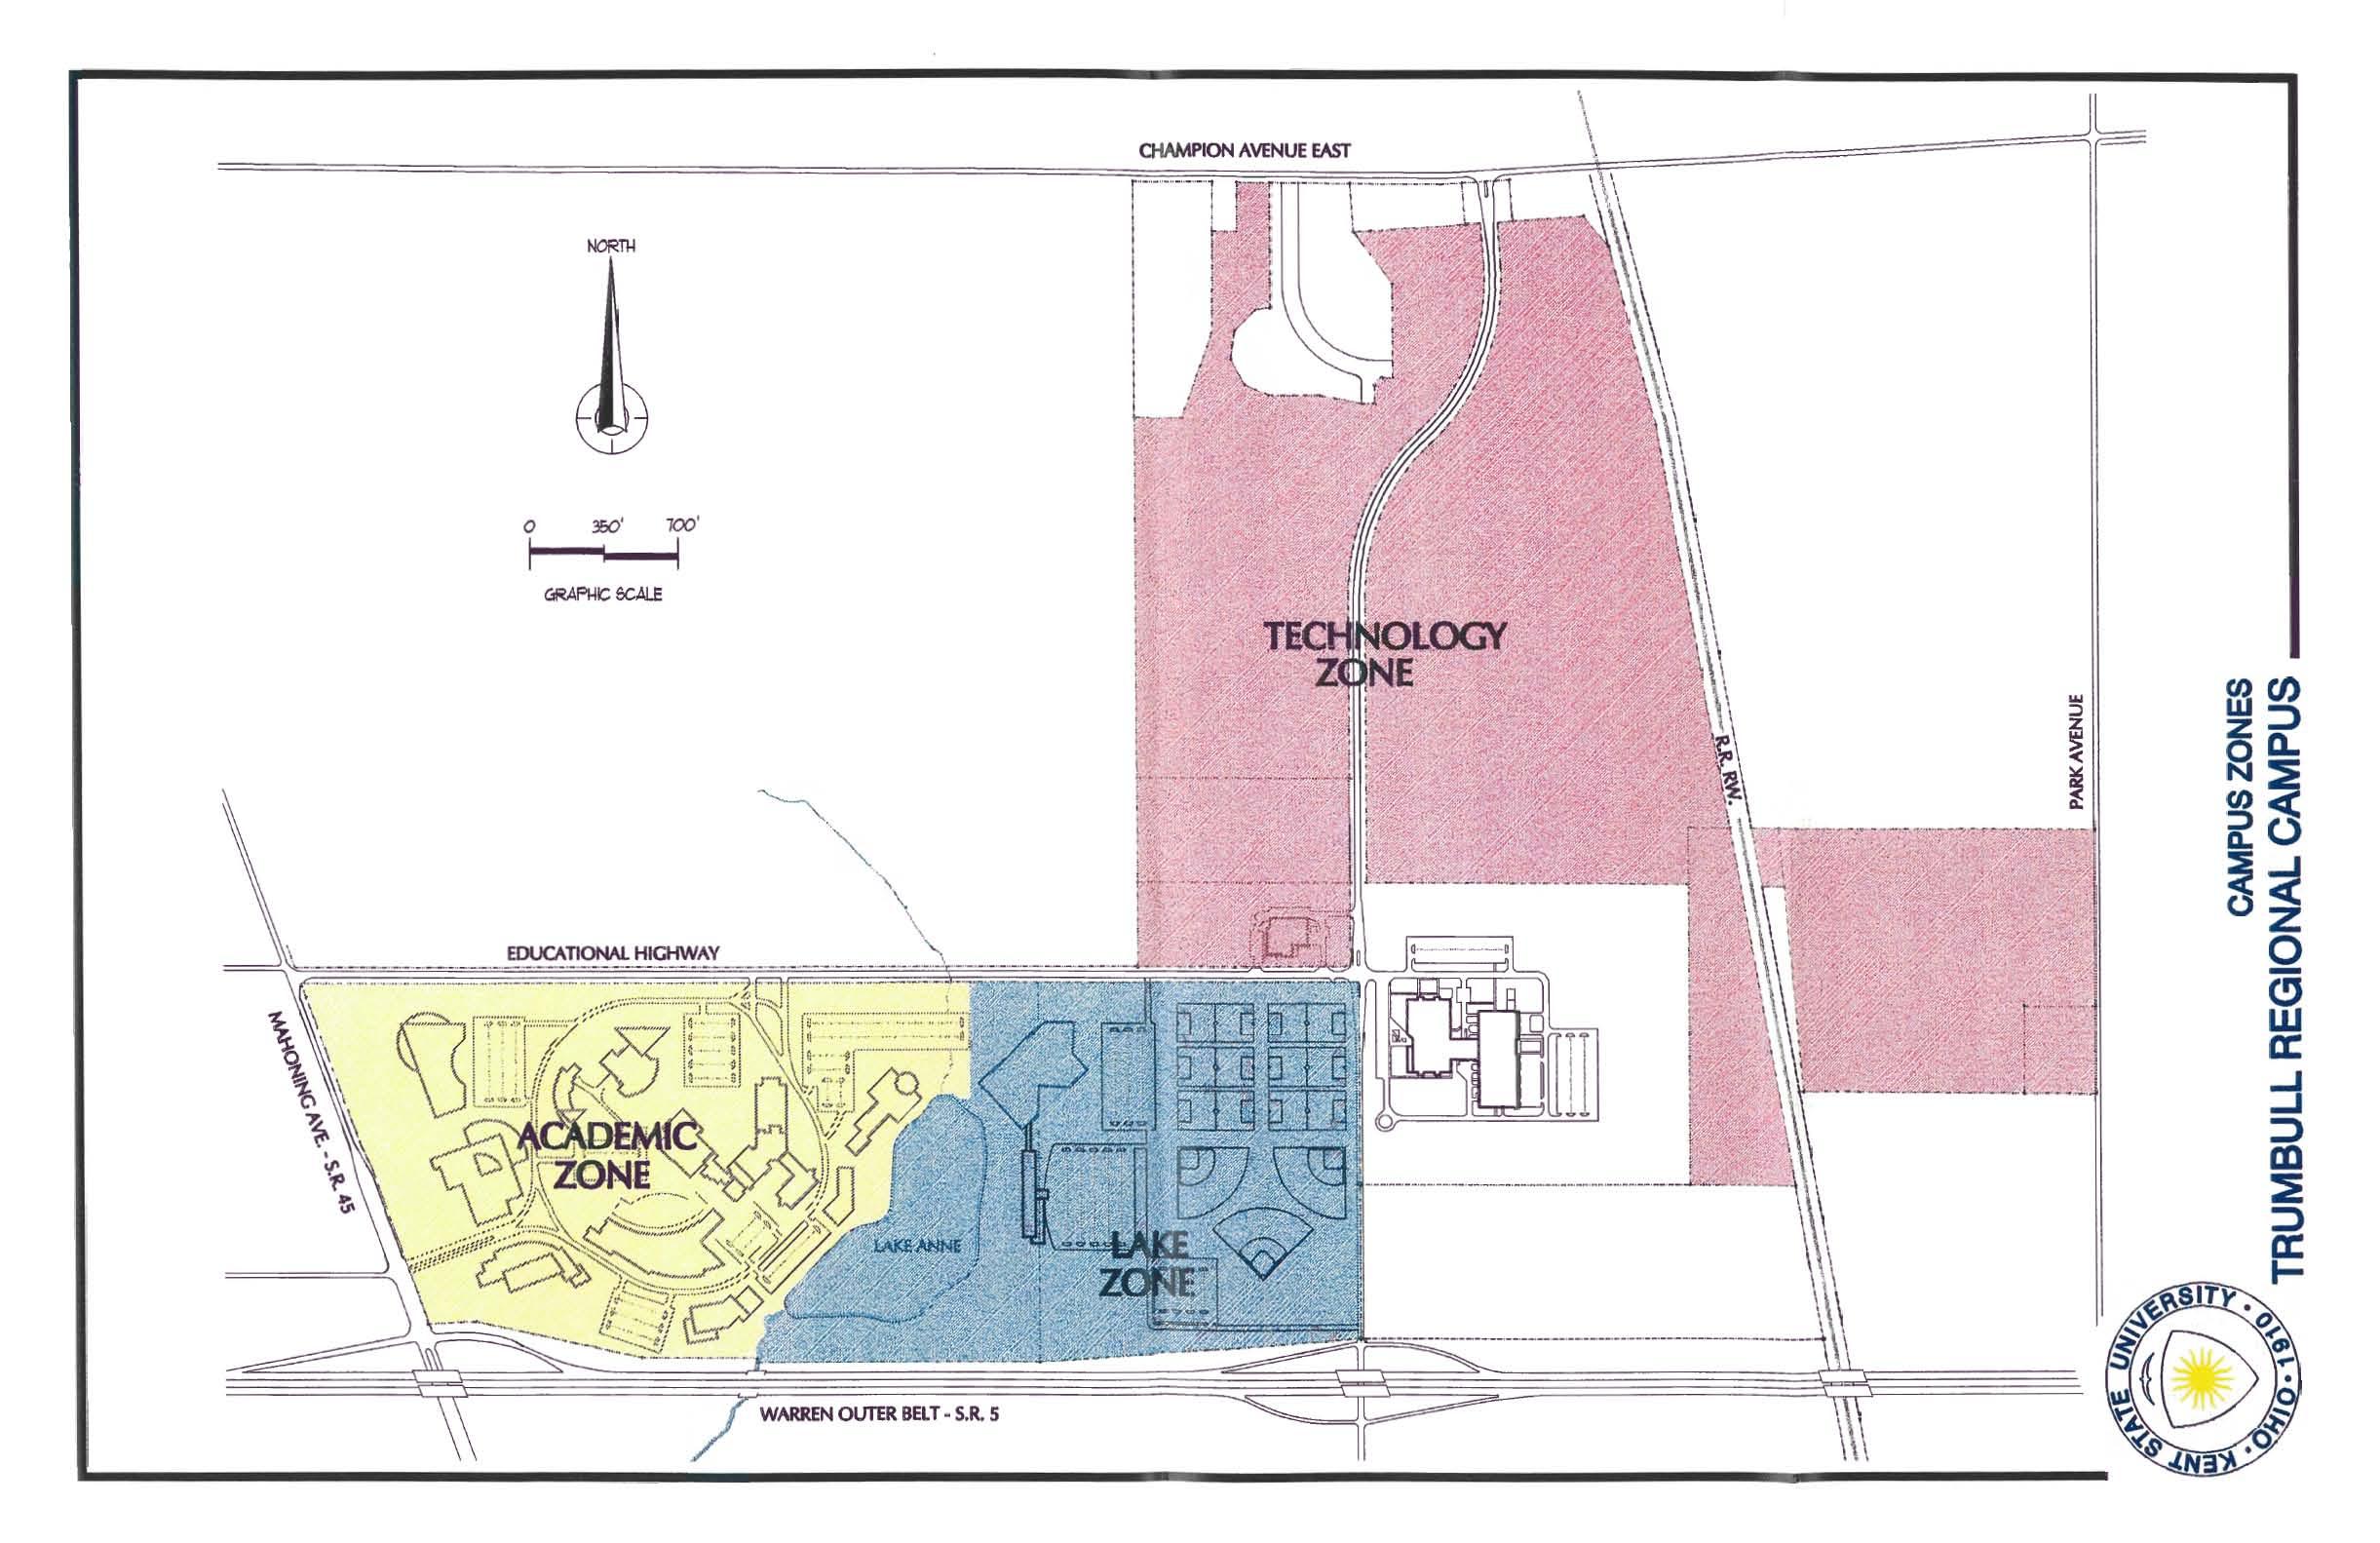 Trumbull Campus Master Plan